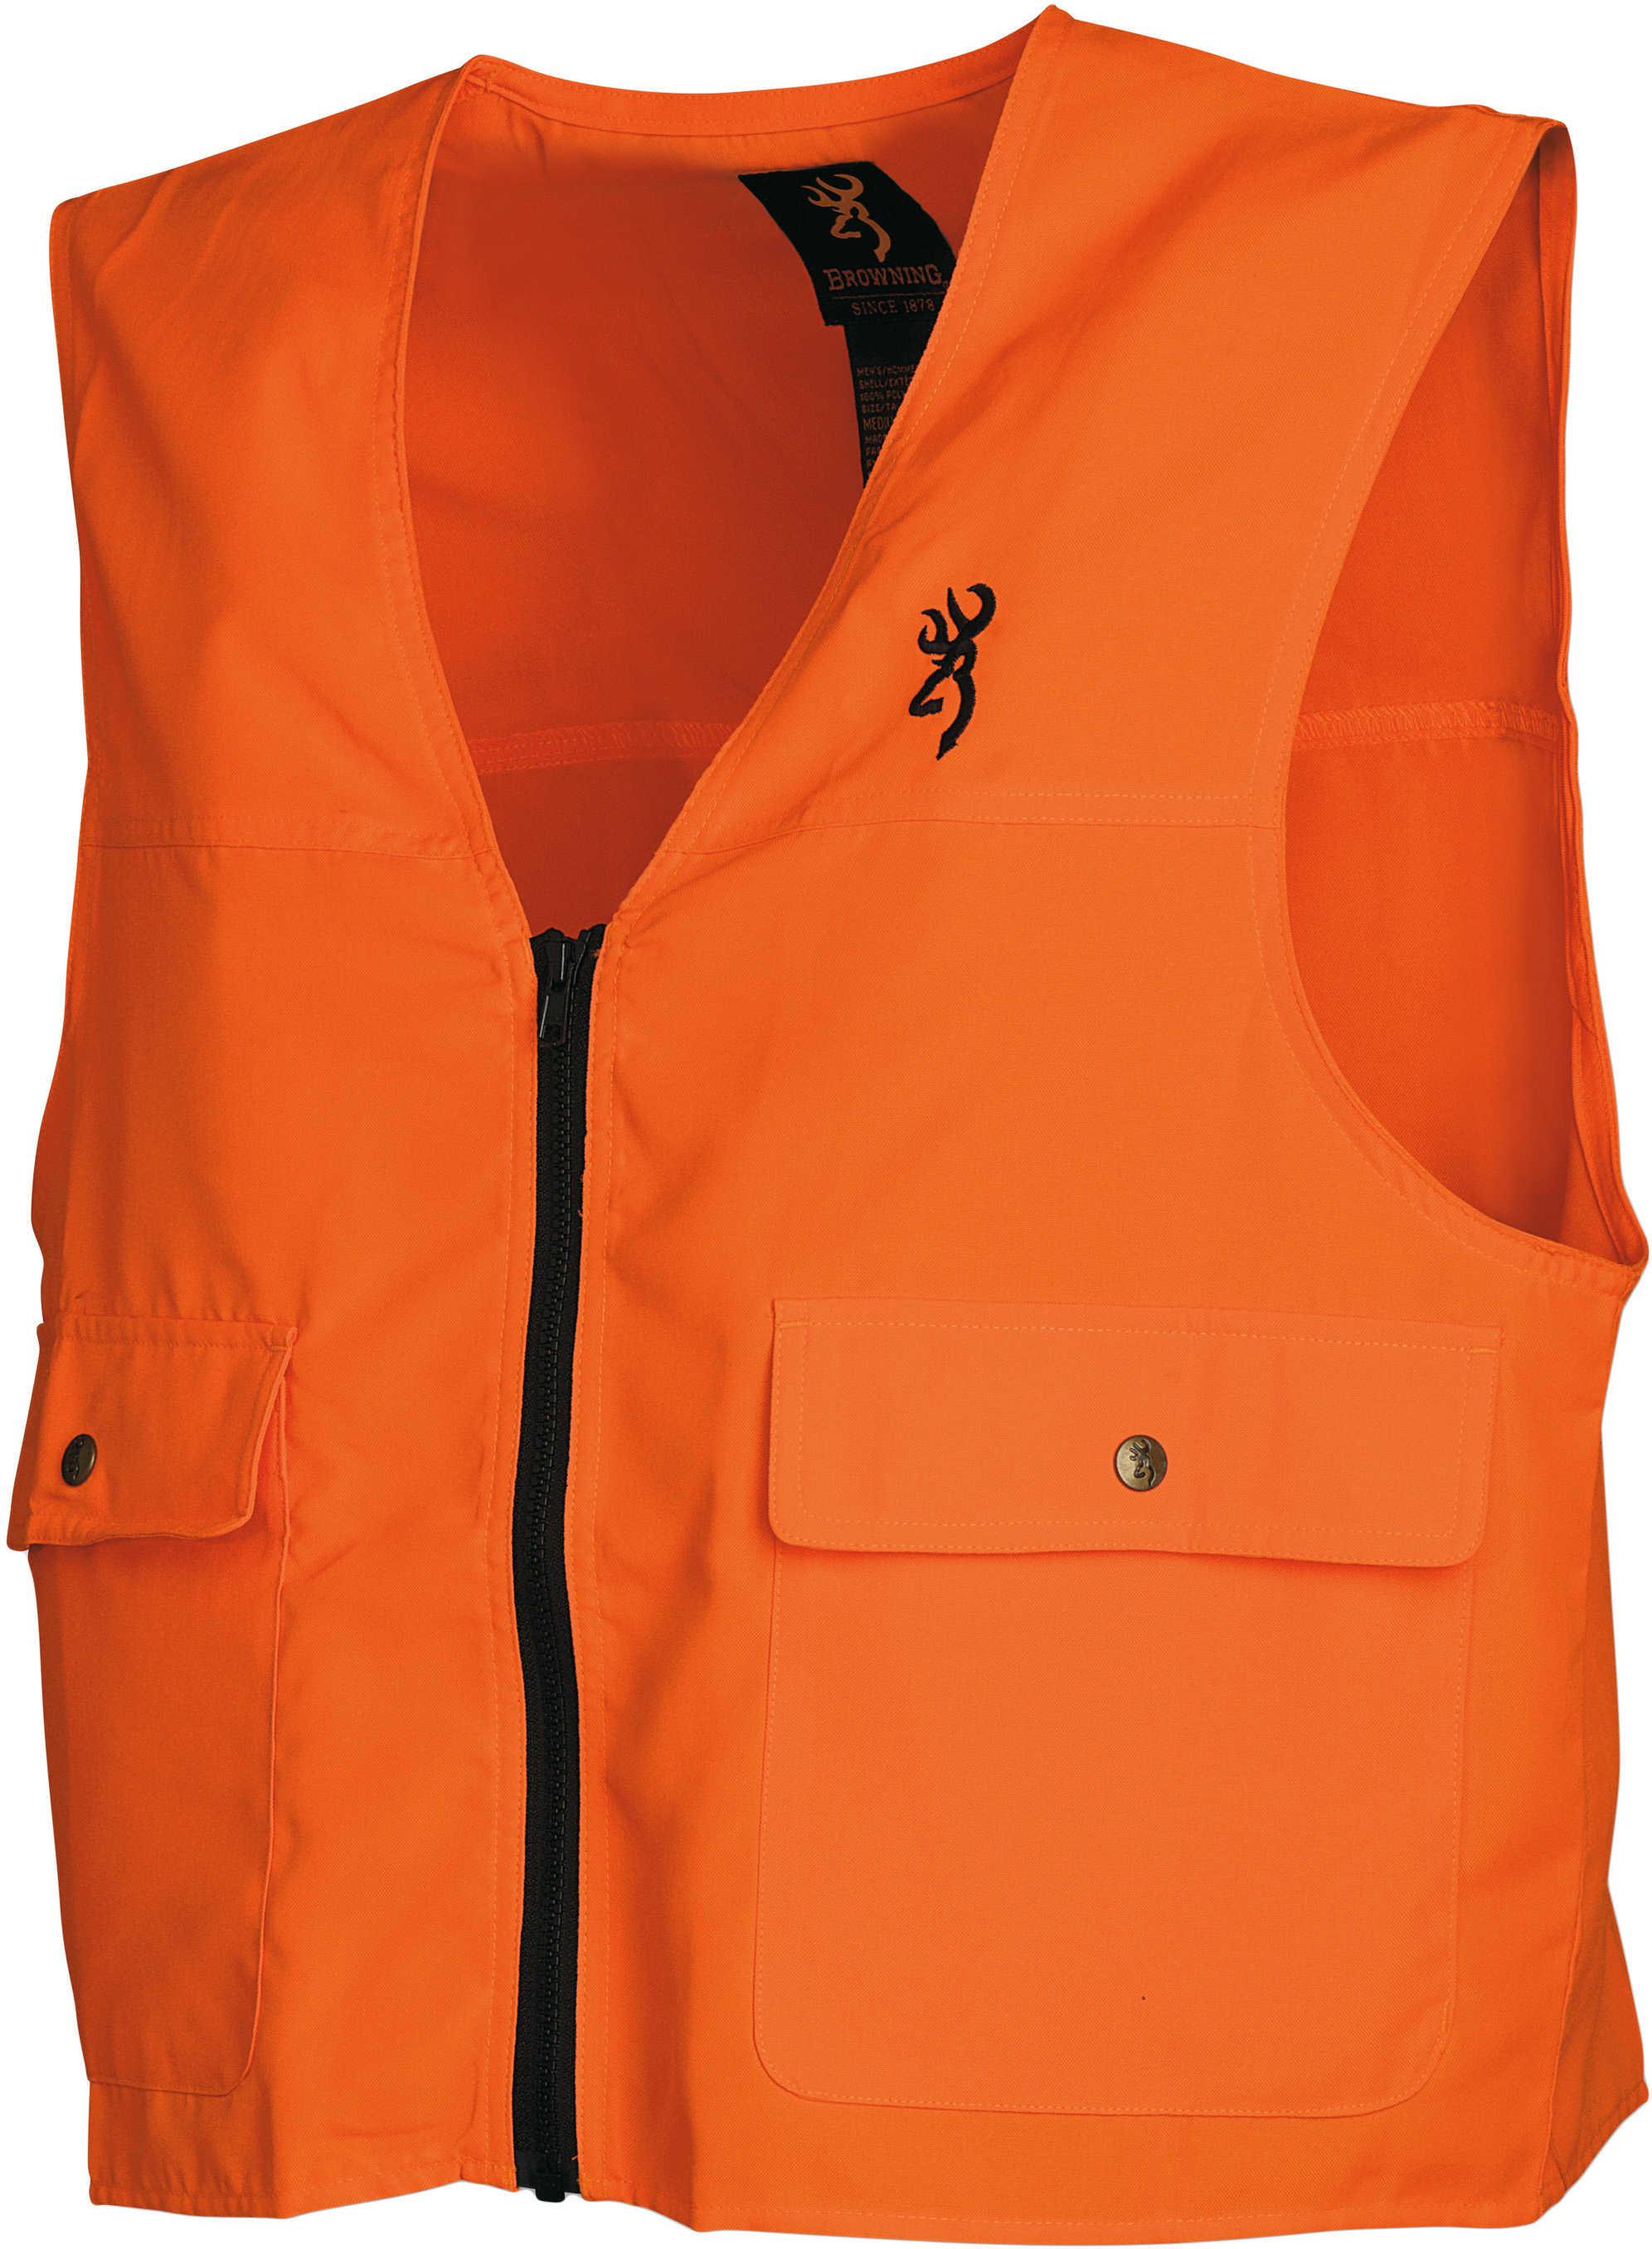 Browning Safety Blaze Overlay Vest Blaze, XLarge 3051000104